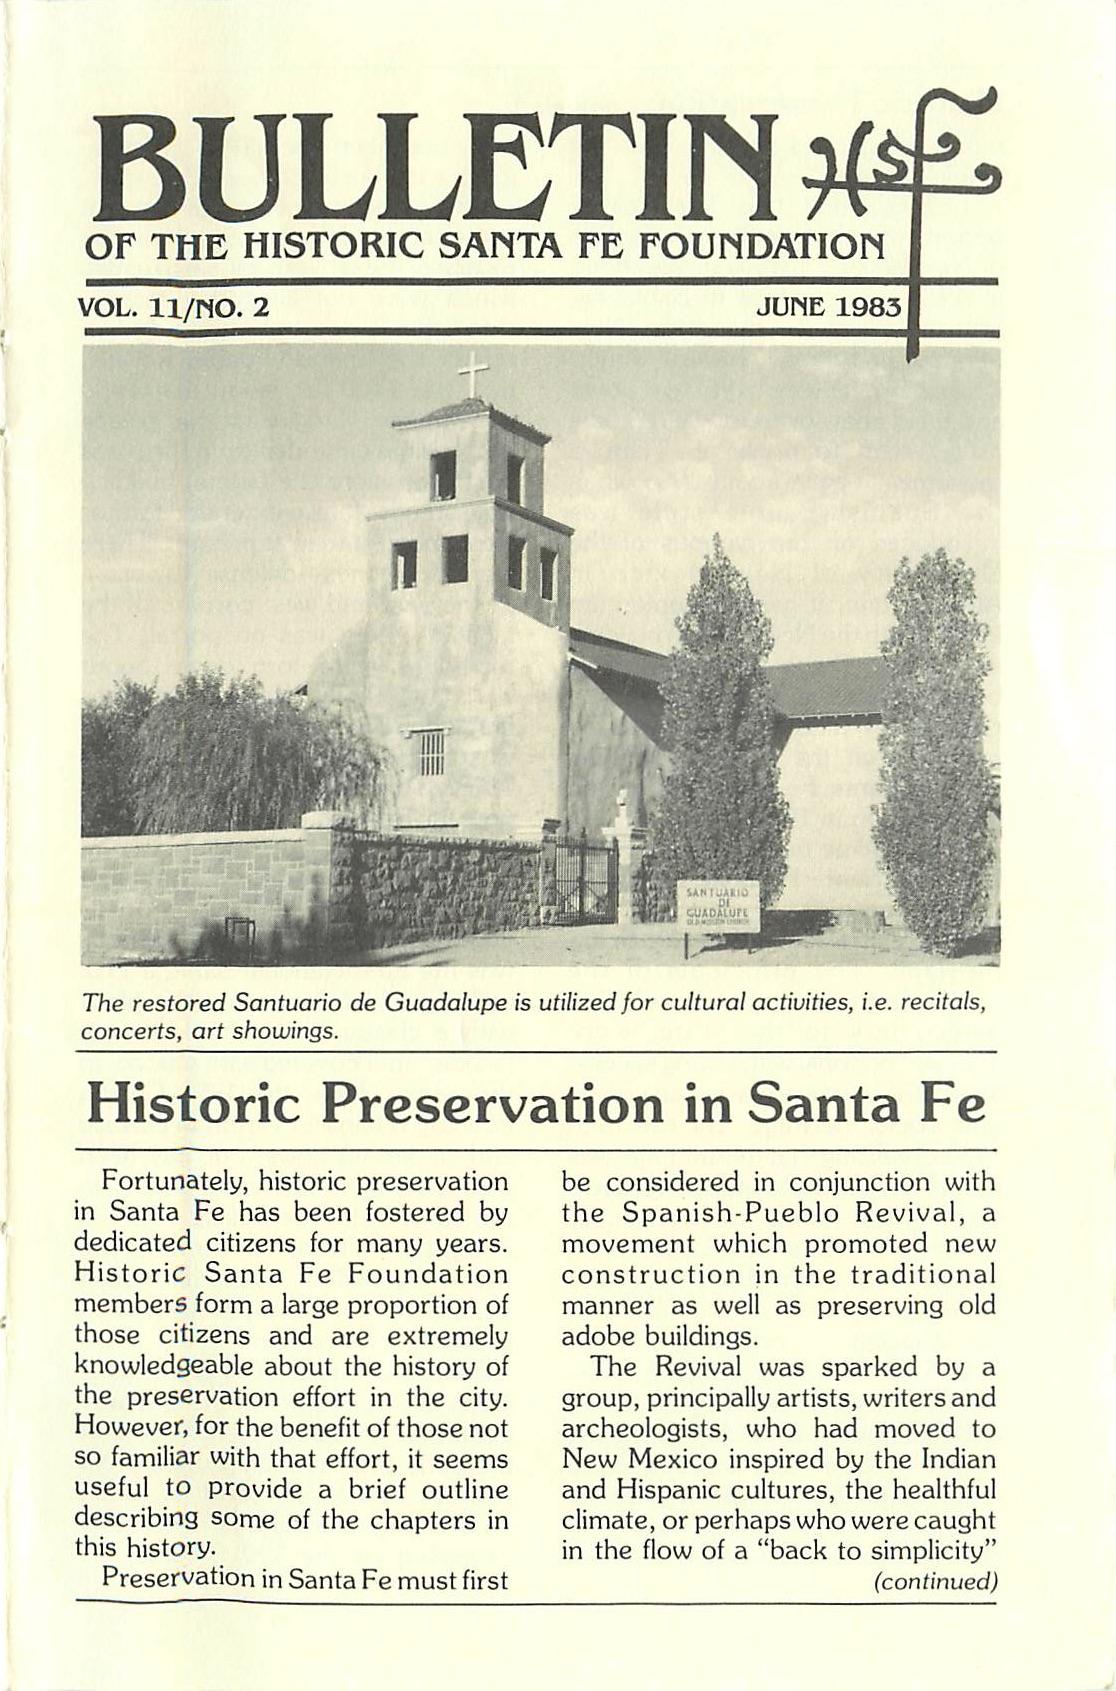 1983 HSFF Bulletin Vol.11 No.2 Cover